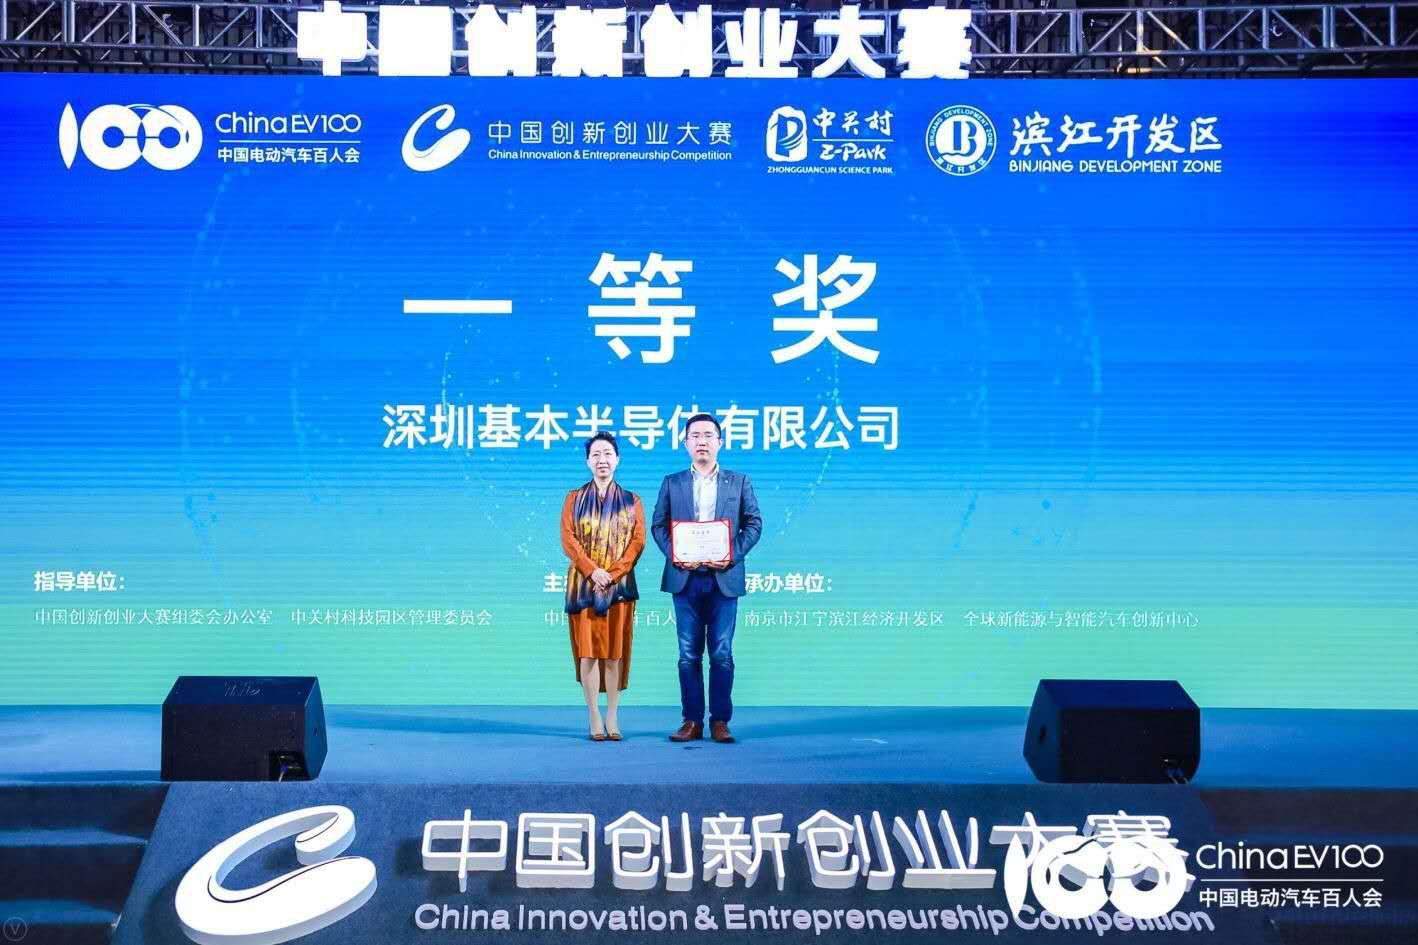 深圳基本半導體勇奪中國創新創業大賽專業賽一等獎